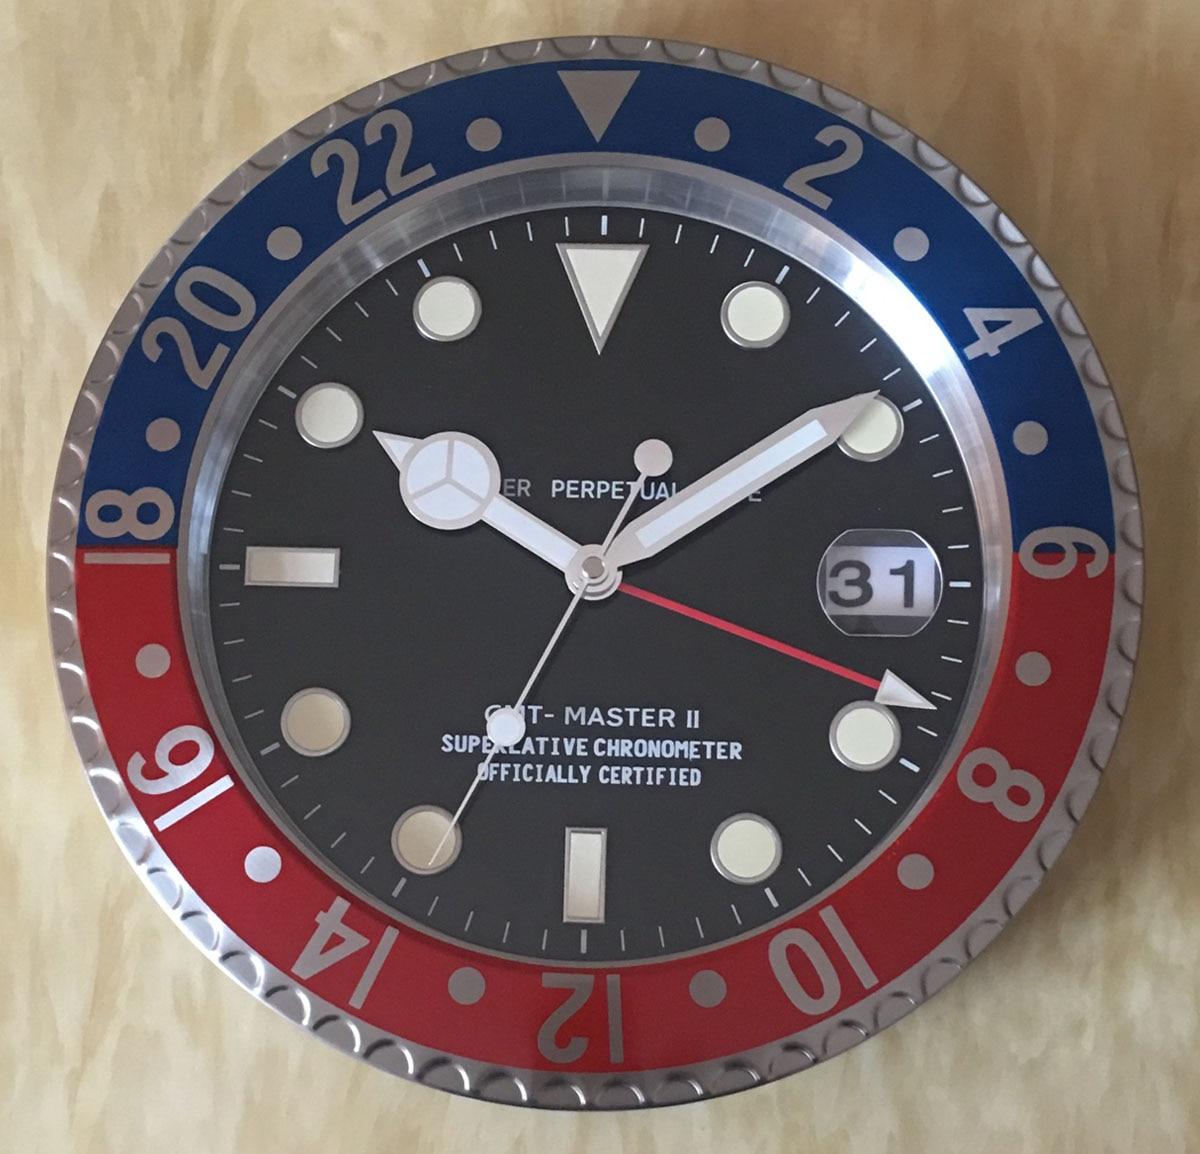 S & F Mit Lupe Einzelhandel Metall Uhr Form Wanduhr mit Kalender Luxus Uhr an Der Wand - 2